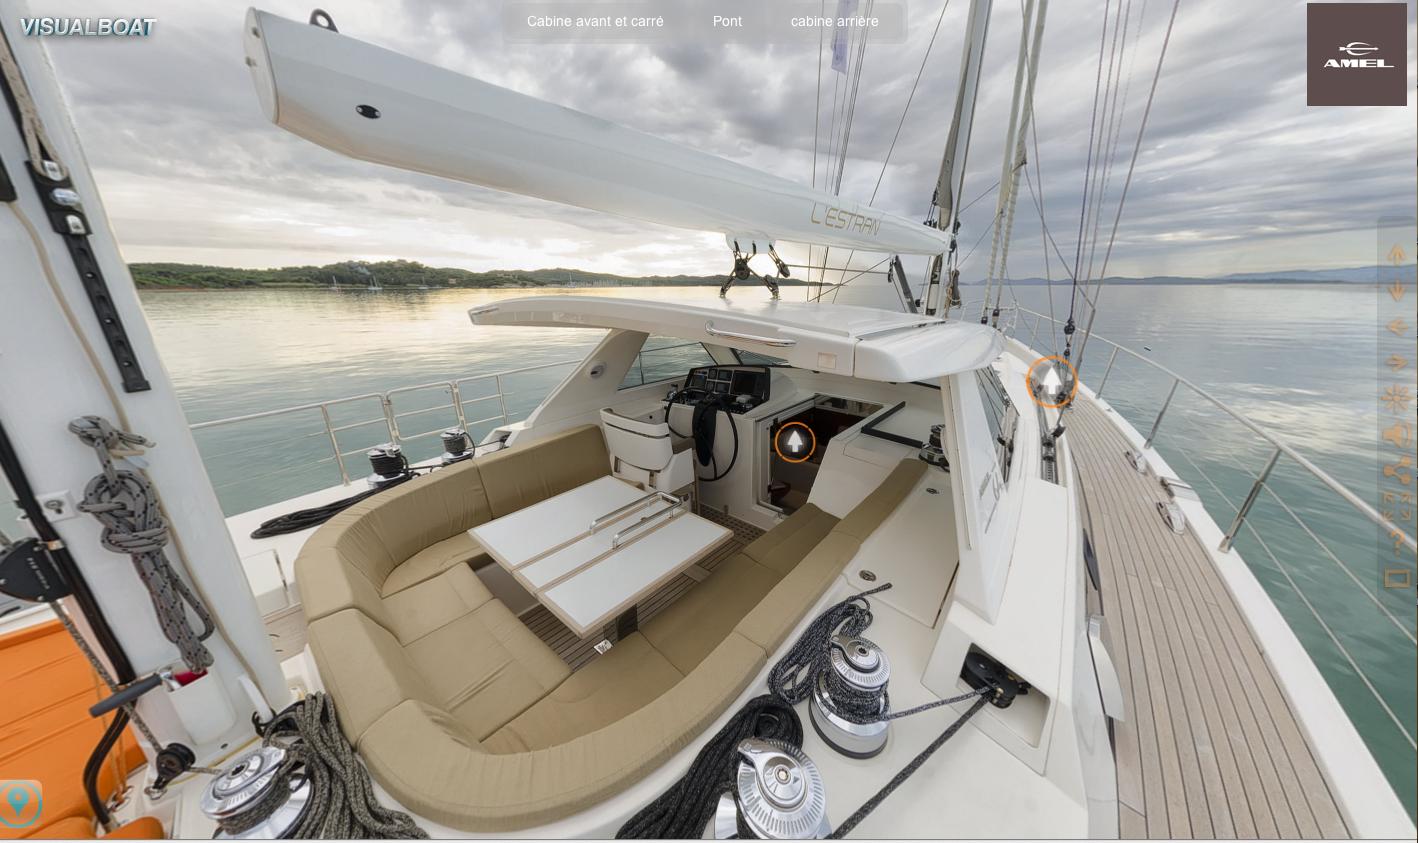 AMEL 64 en visite virtuelle 360° devant l'île de Port-Cros